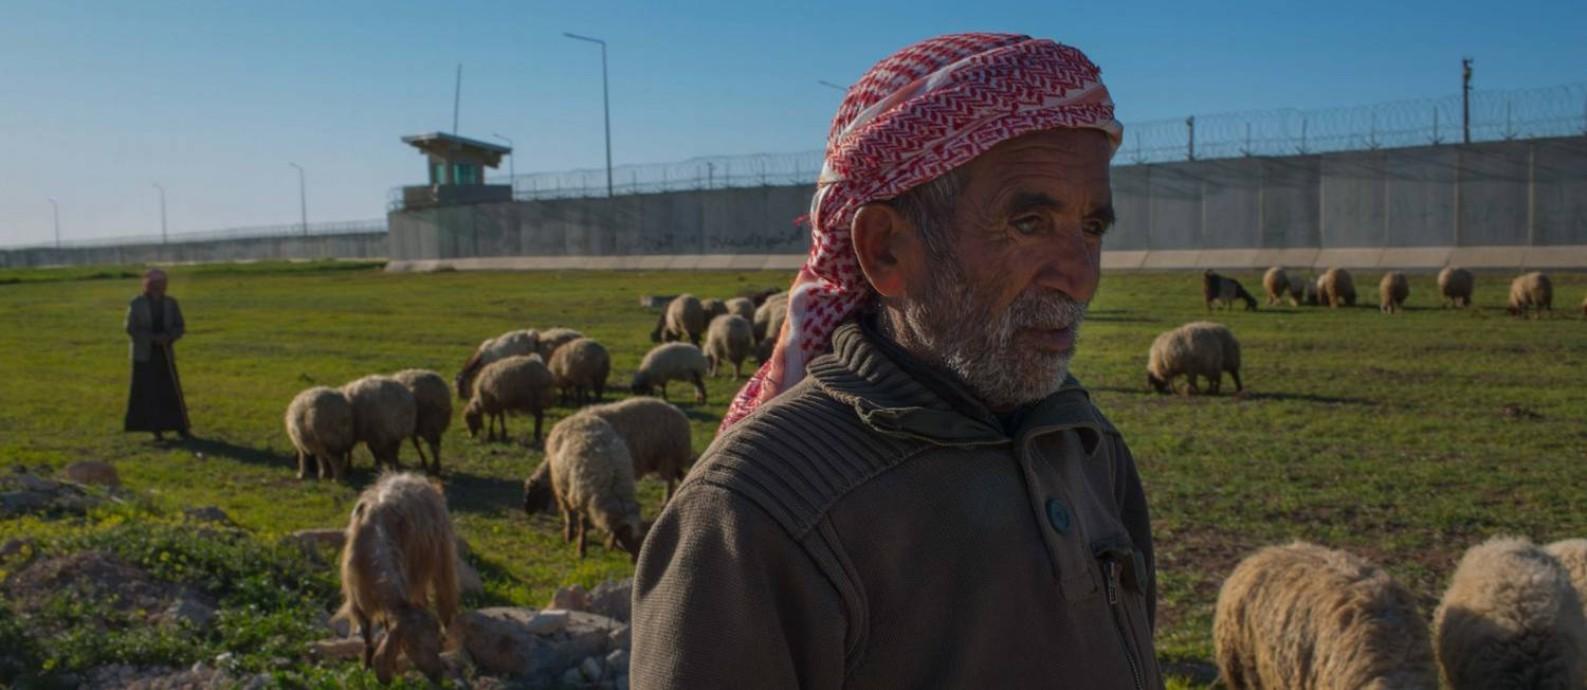 Pastores curdos levam ovelhas para pastar na beira do muro que separa a Turquia da Síria. Das torres de observação, soldados armados acompanham a movimentação dos curdos